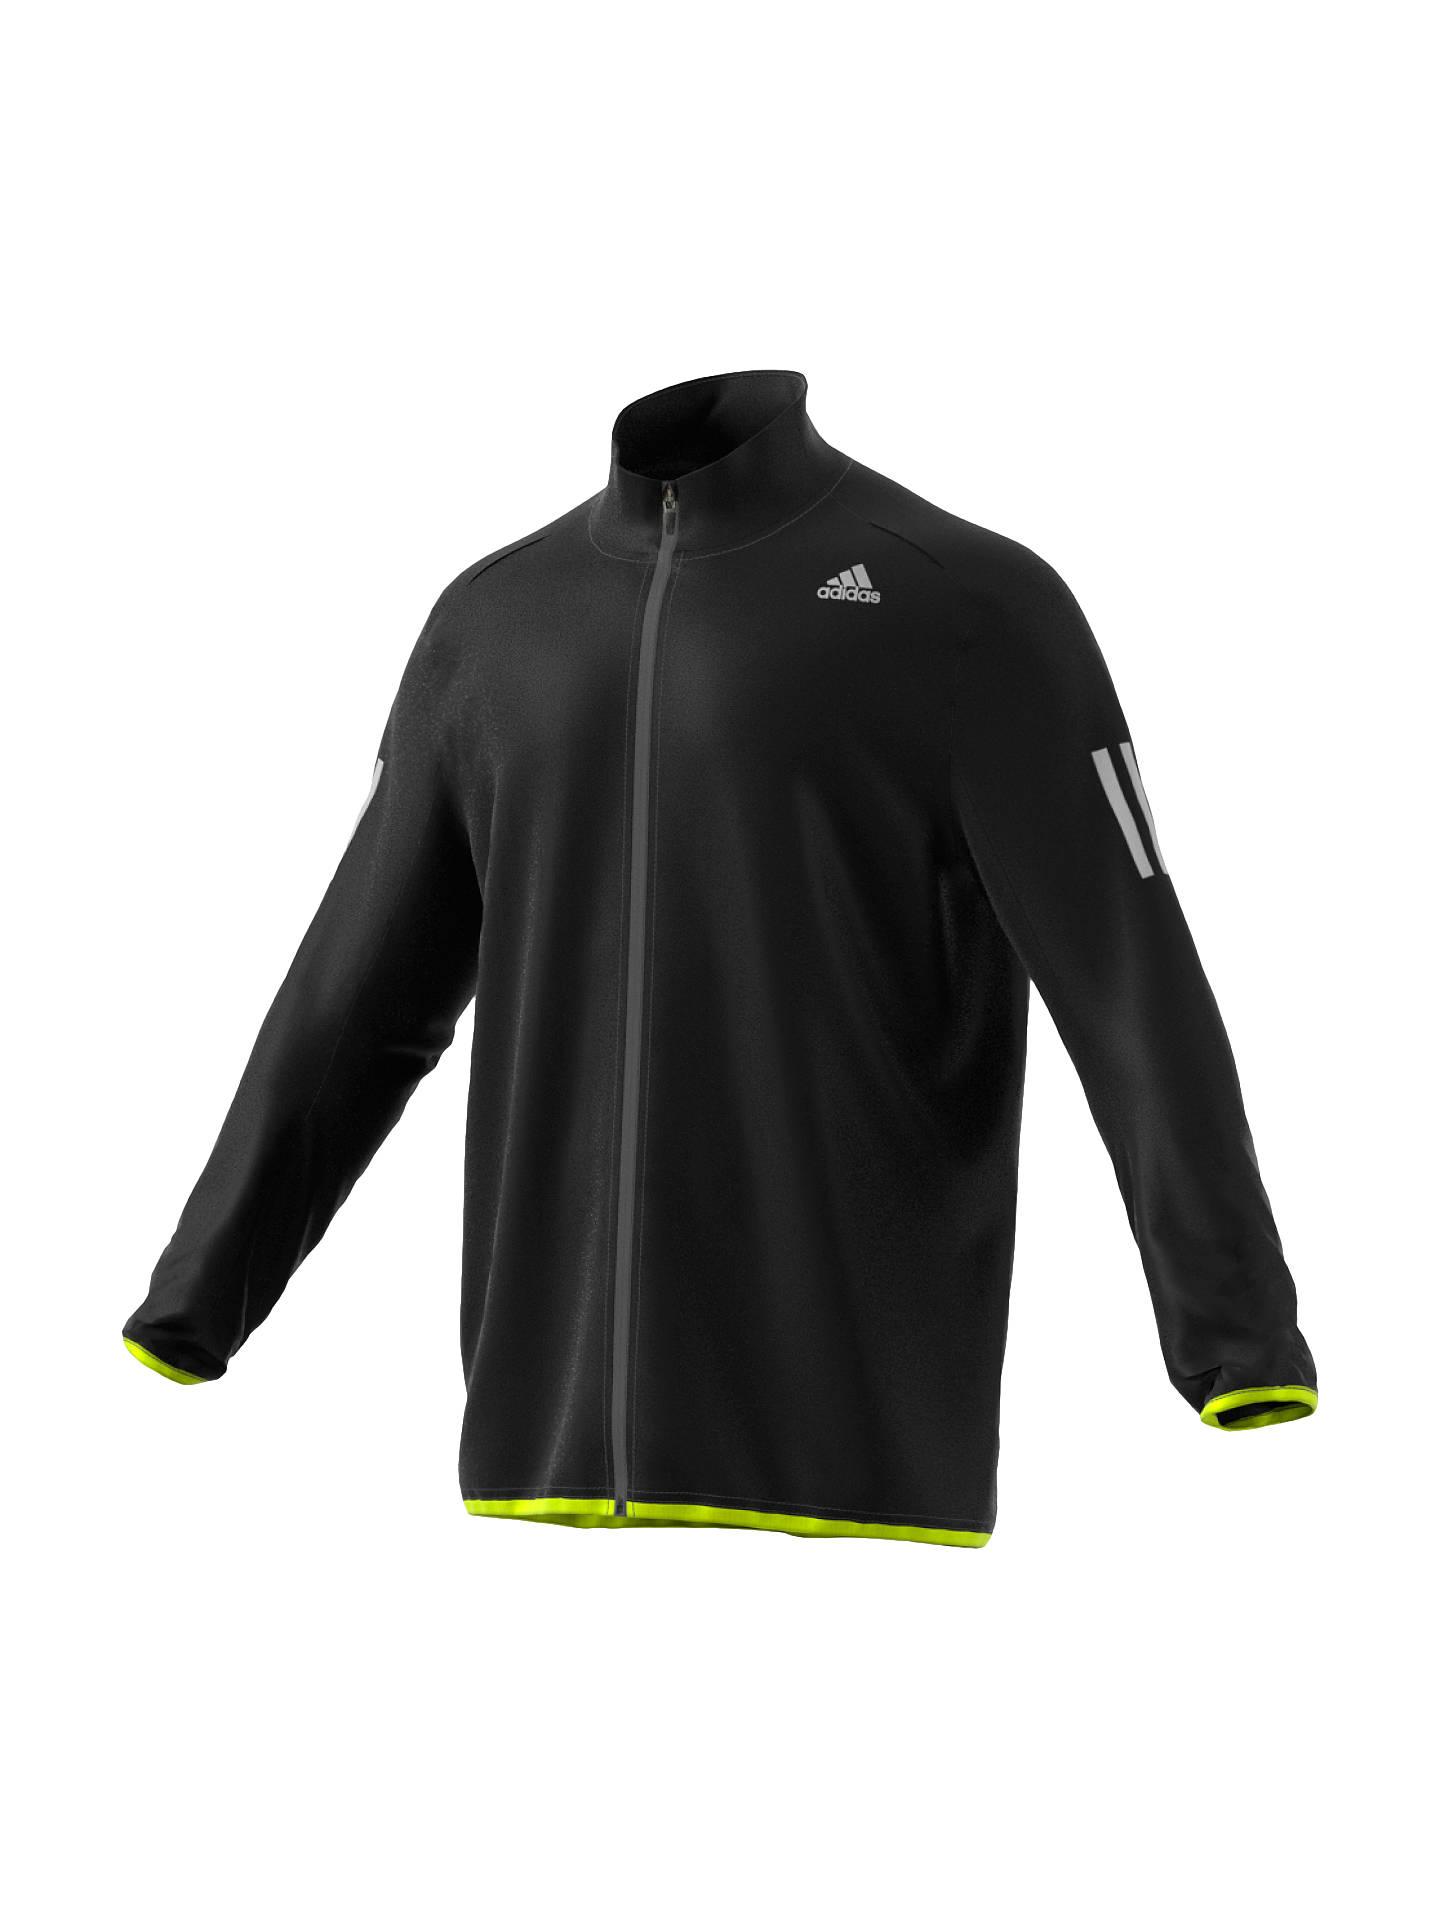 475699738 Buy adidas Response Men's Running Jacket, Black, S Online at johnlewis. ...